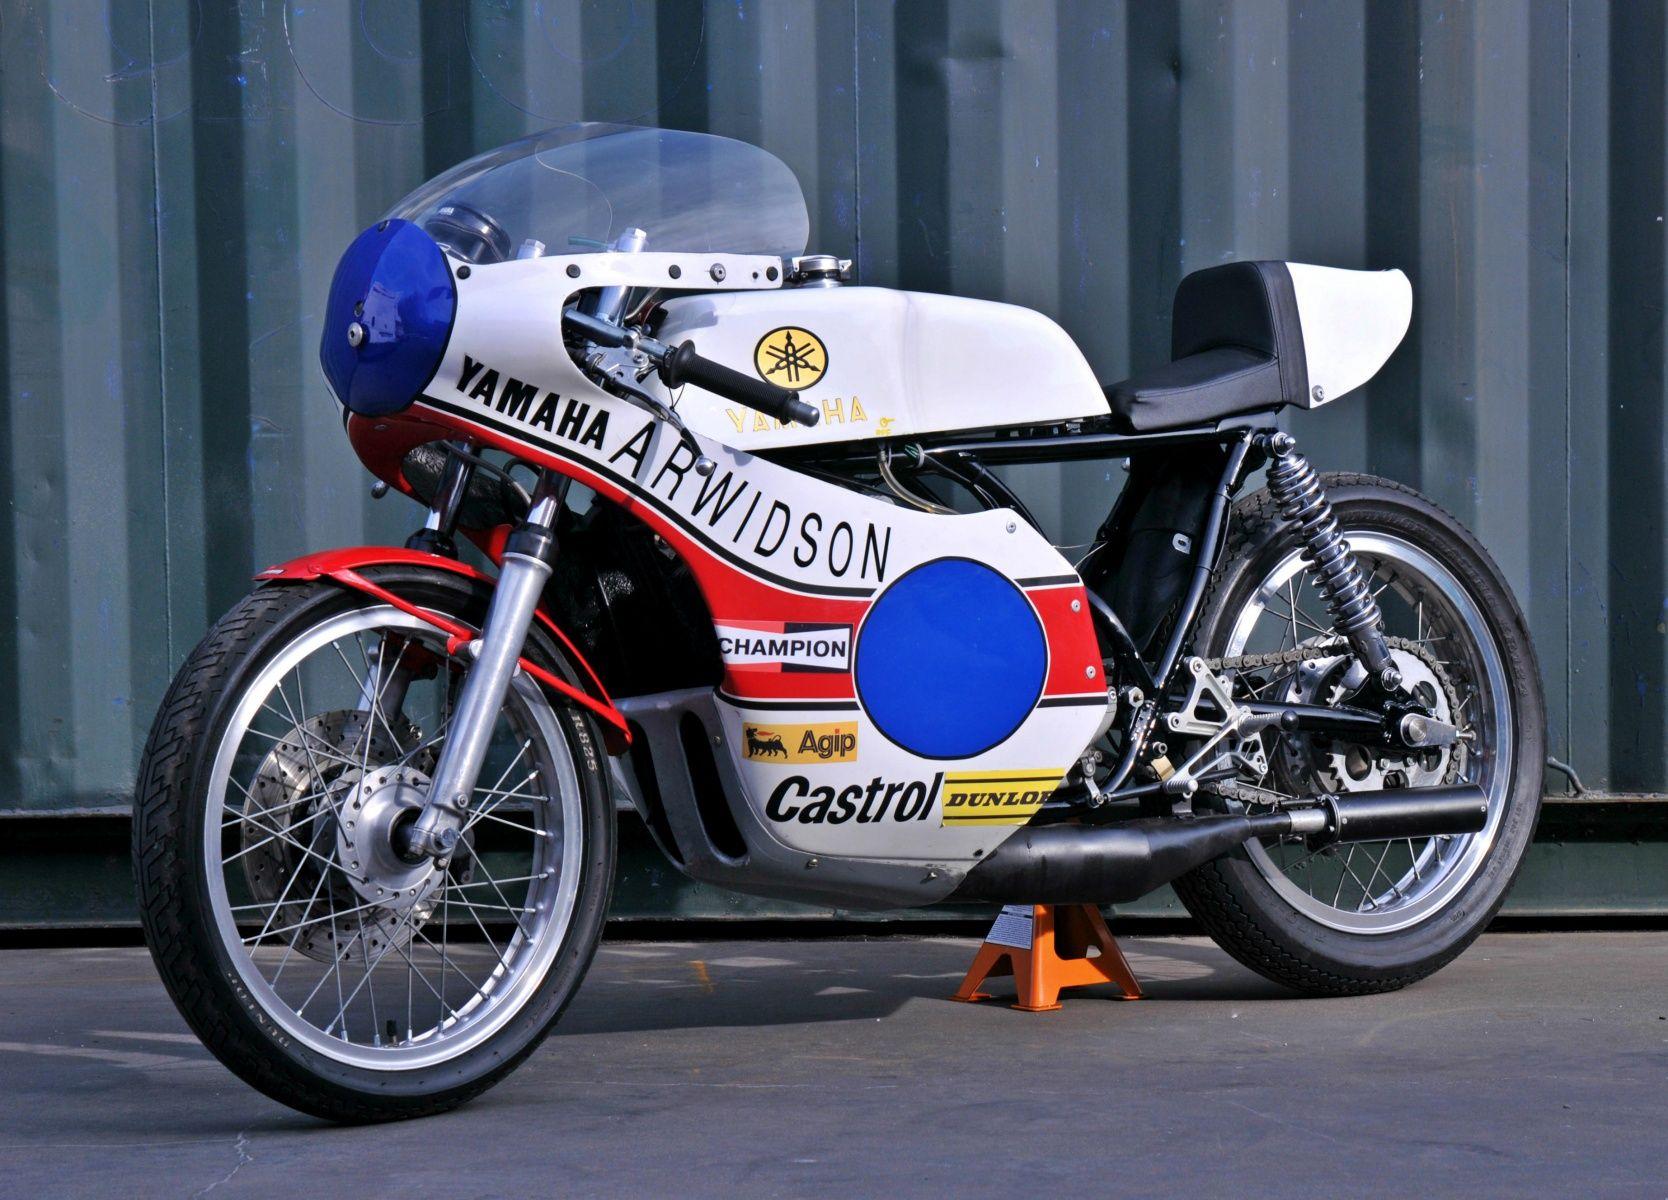 1973 Yamaha TR 2 - TR3 Replica | Yamaha | Yamaha, Motorcycle